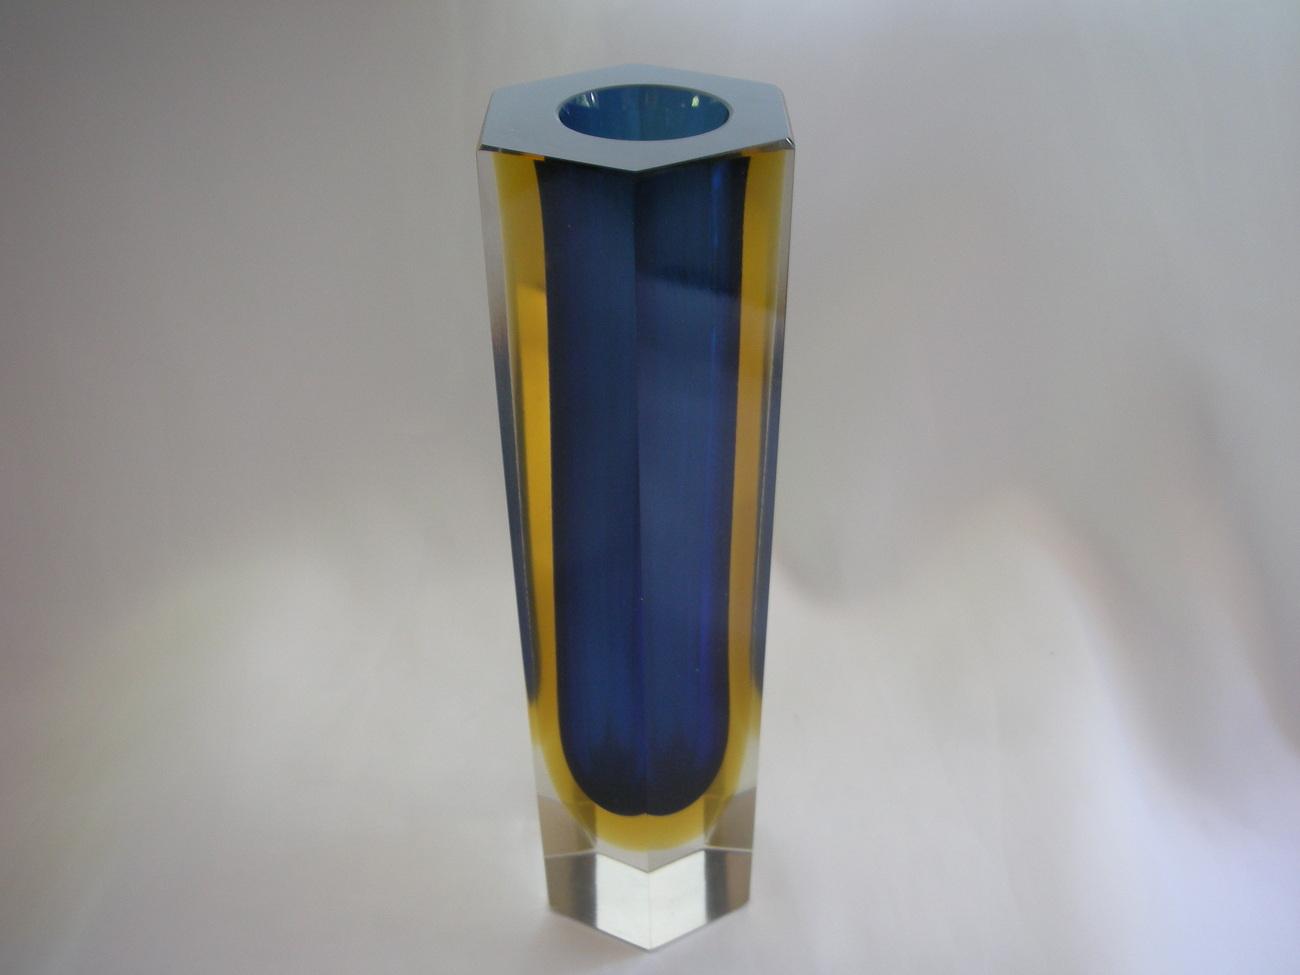 European Art Glass Hand Blown Vase Cobalt Blue and Amber  - $75.00